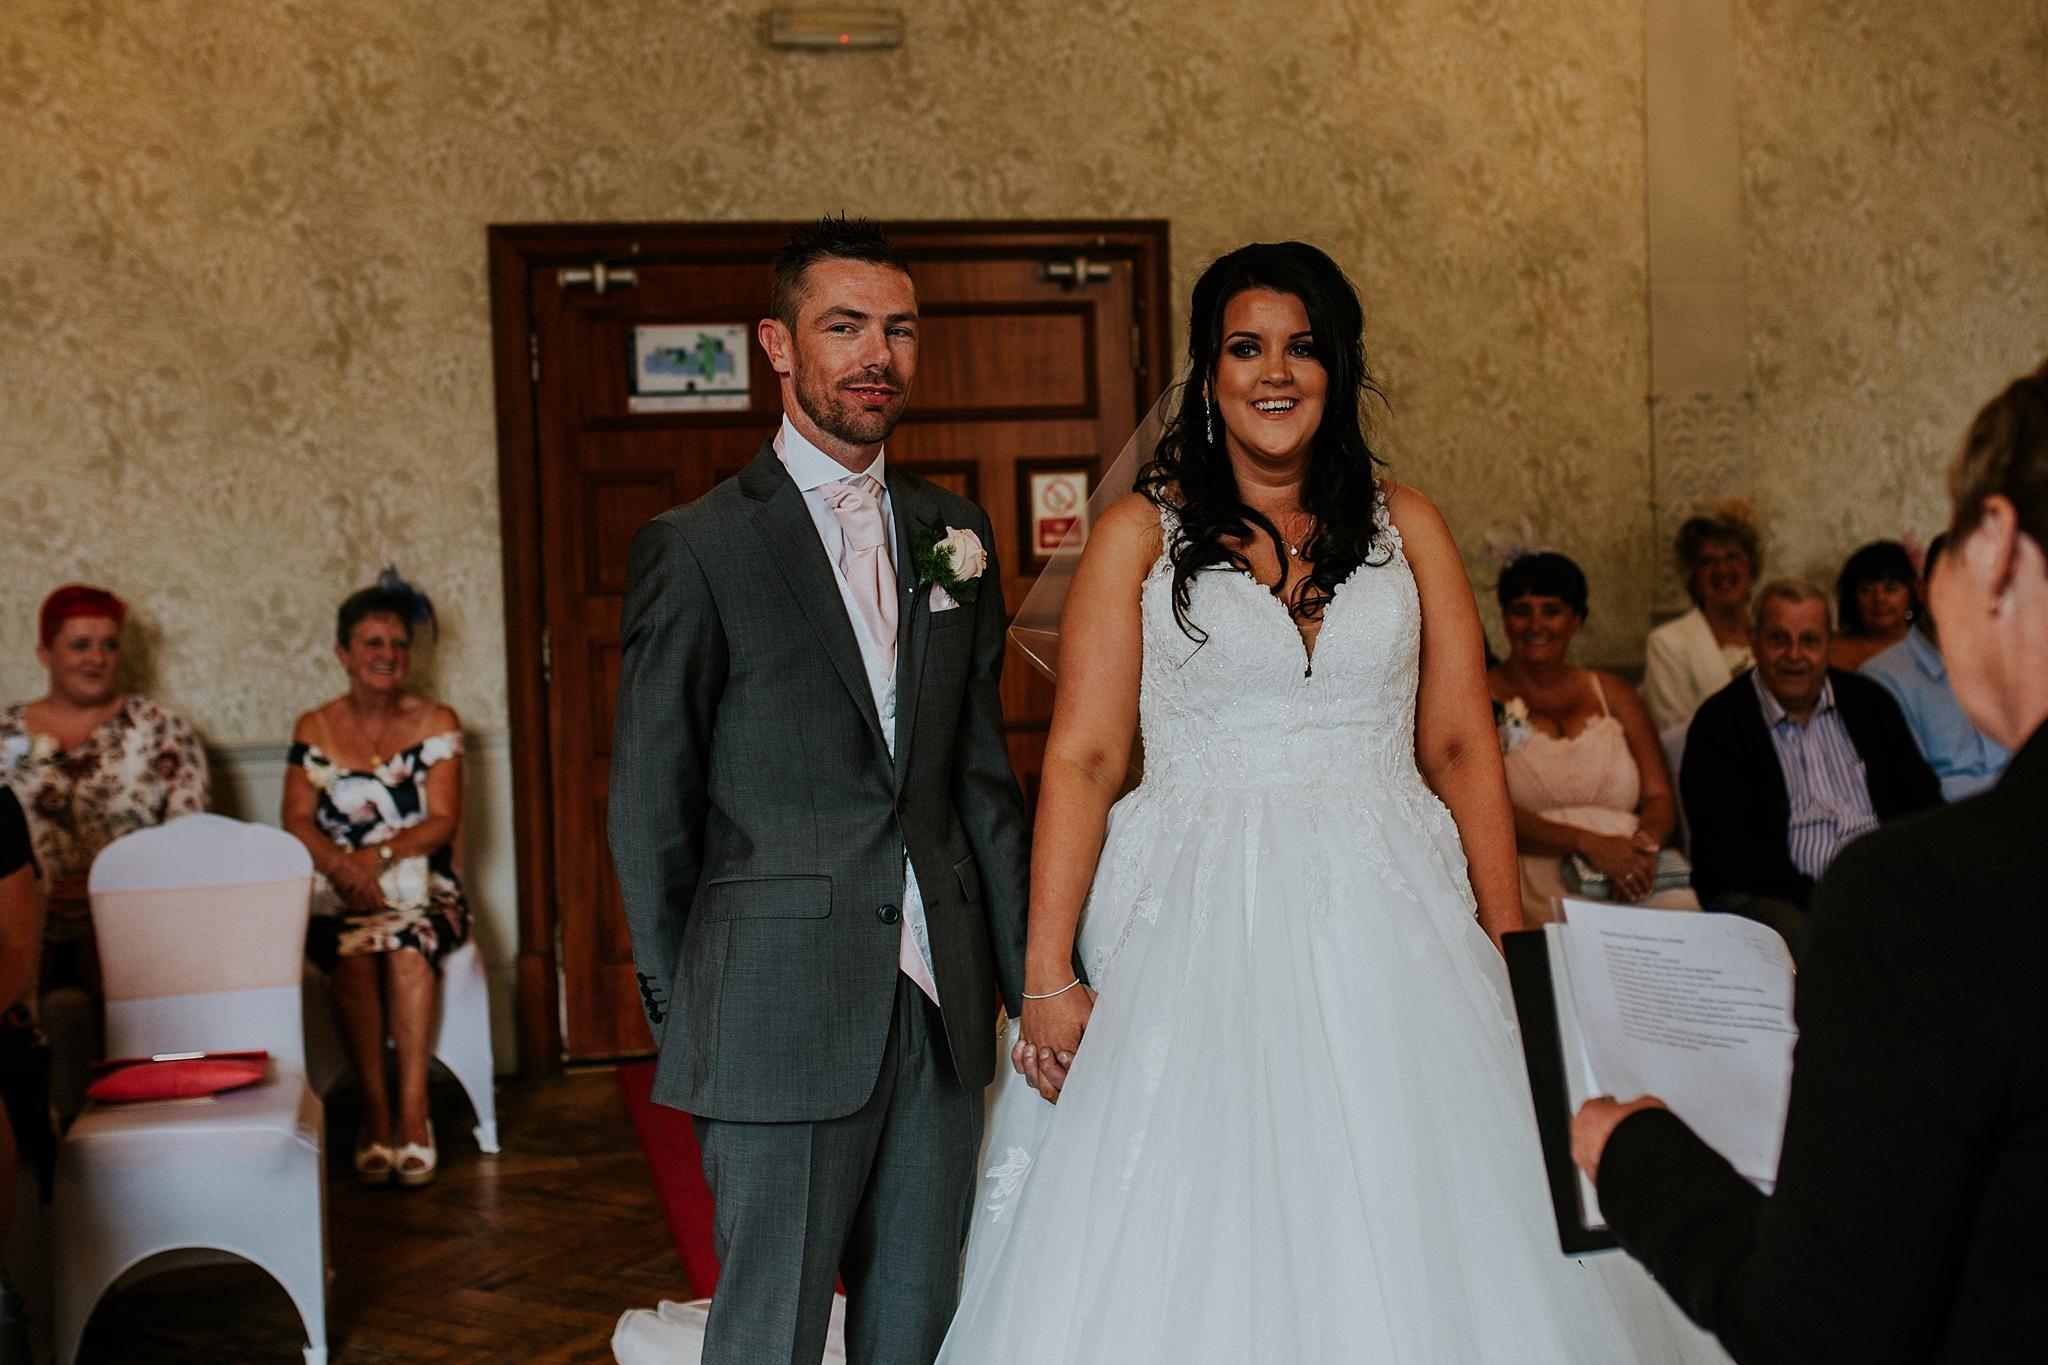 newcastle_upon_tyne_wedding_photographer-18.JPG